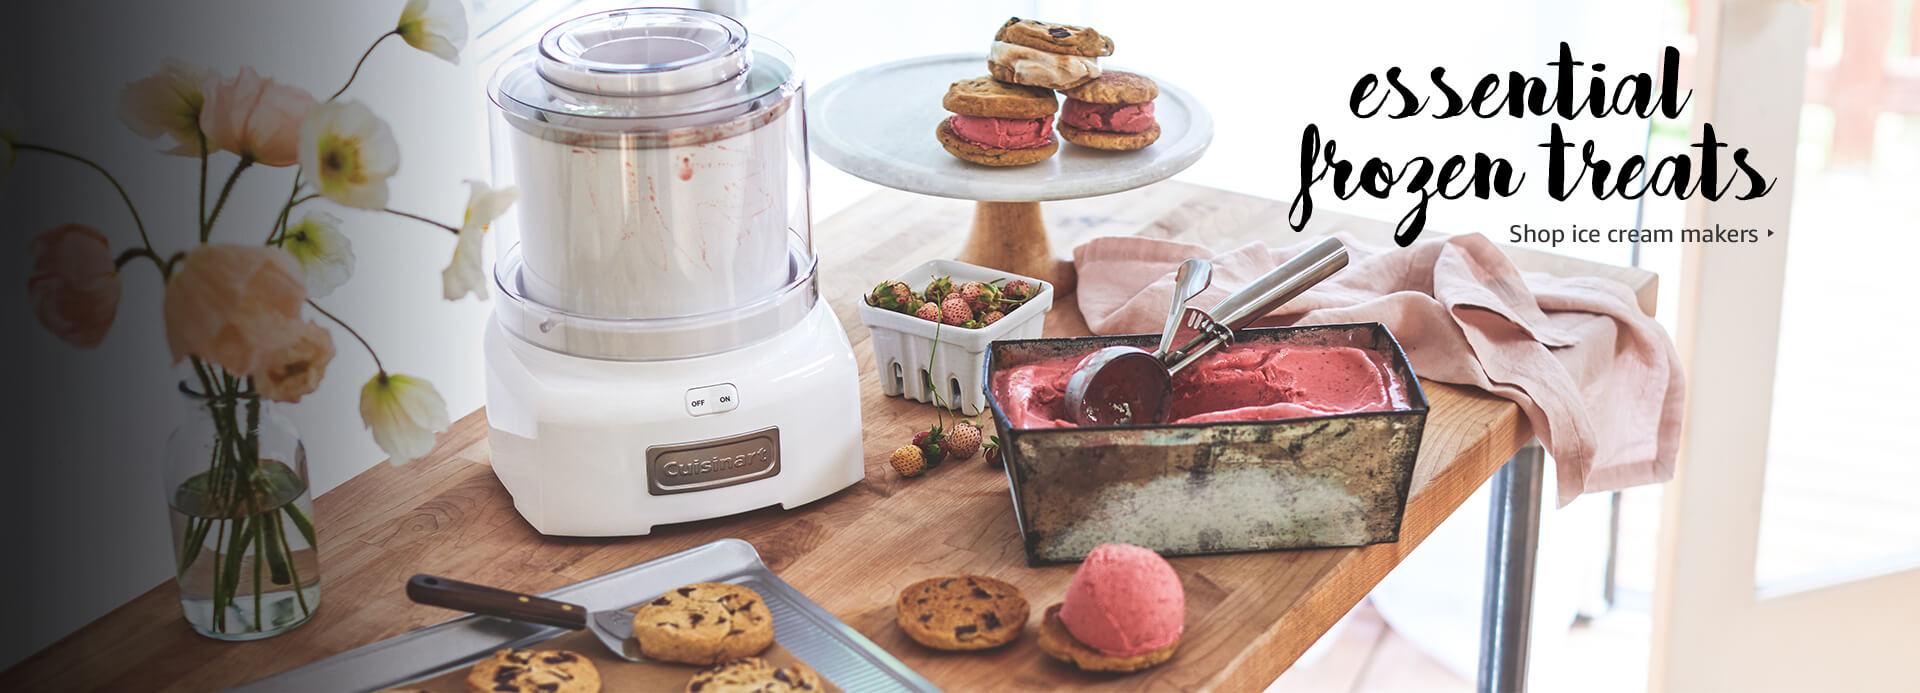 Uncategorized Amazon.com Kitchen Appliances amazon com small appliances home kitchen specialty essential frozen treats